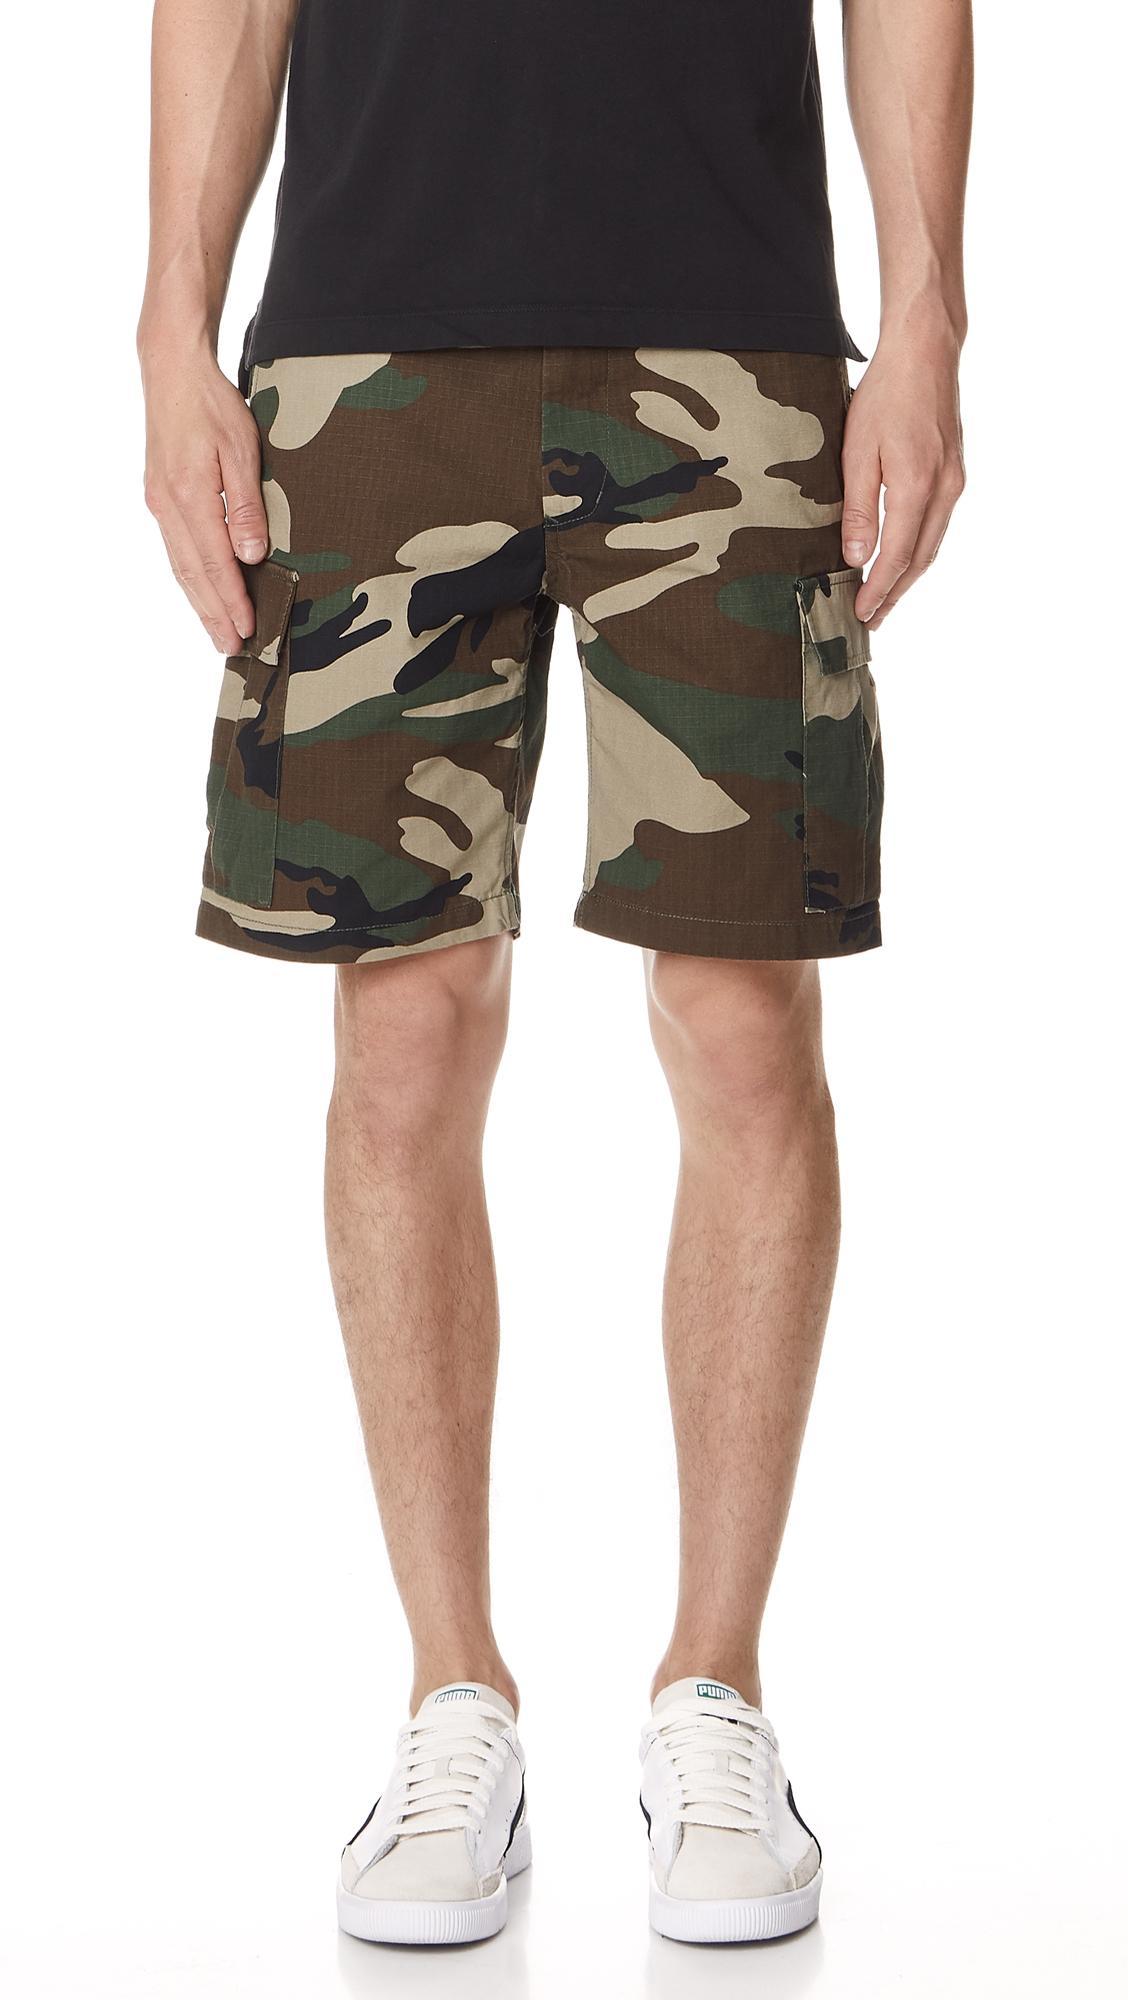 8e23ab5131 Obey Recon Cargo Shorts In Camo | ModeSens